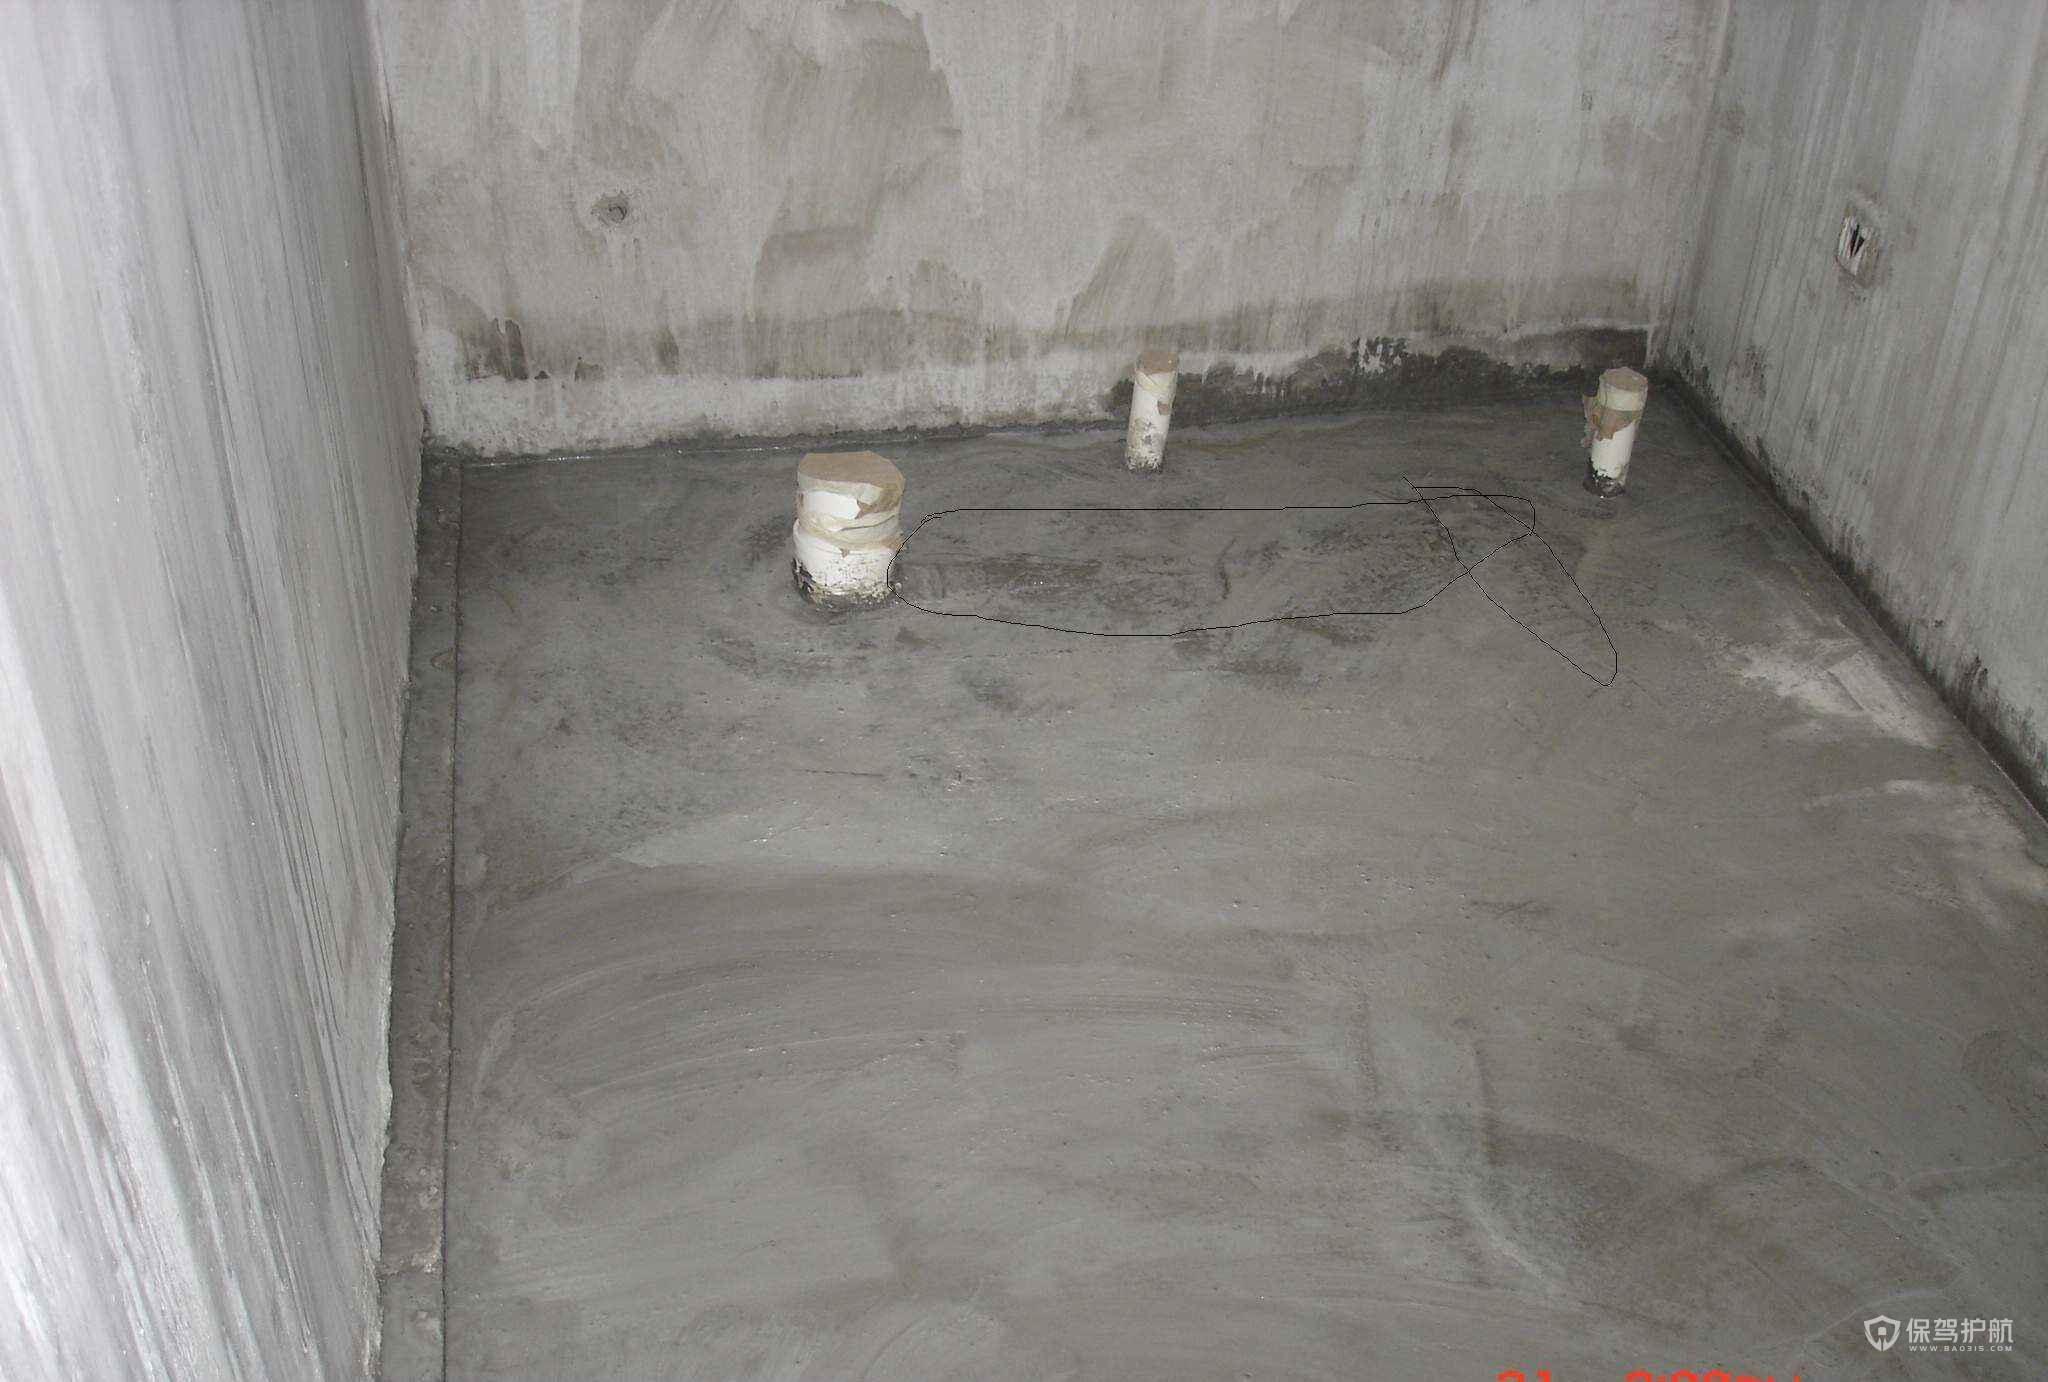 卫生间防水怎么做?卫生间用什么做防水好?